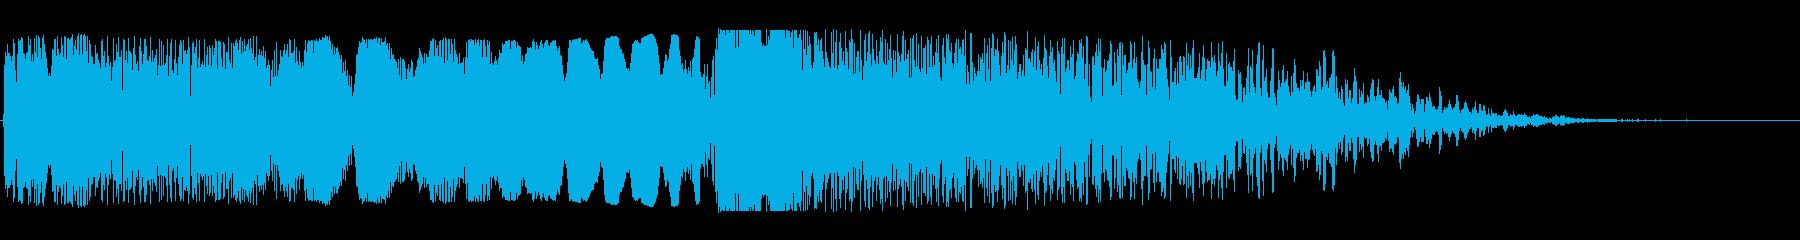 ワープ突入(ドゥーーン、ブシューン)の再生済みの波形